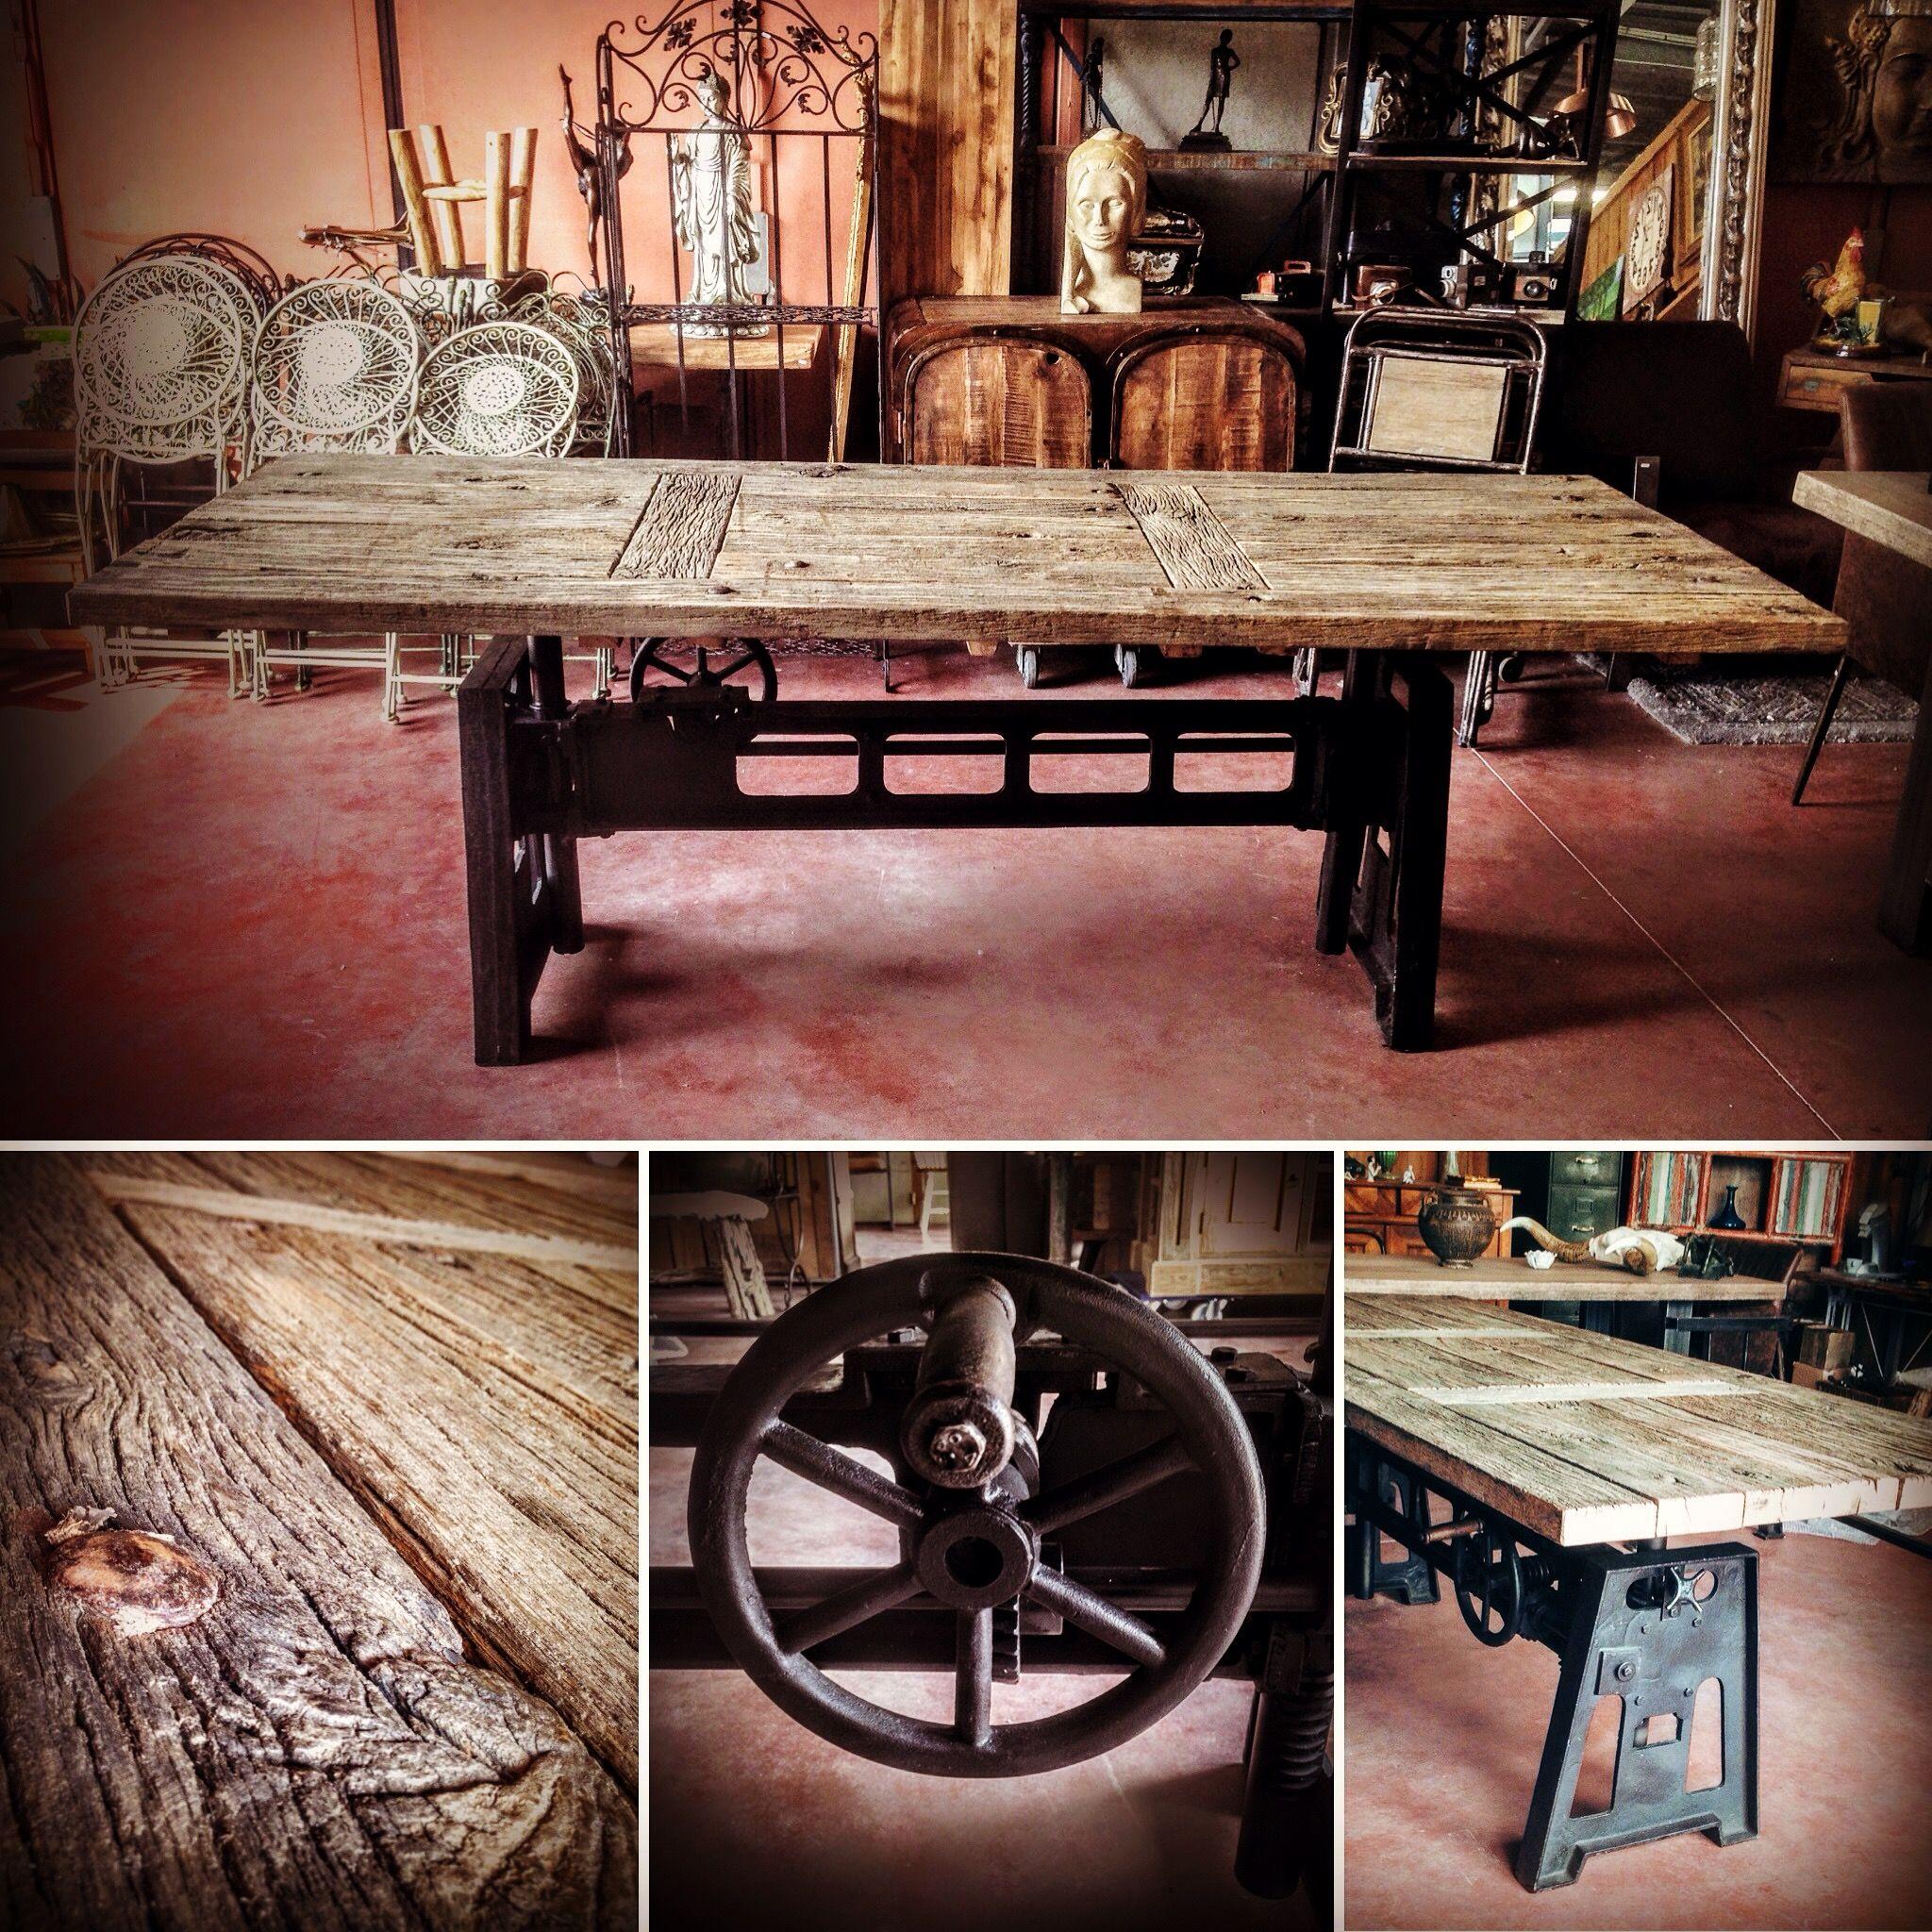 Table Elevatrice Pied Carre En Fonte Bois Metal Style Industriel Creation Sur Mesure Bords Irreguliers Da Table Elevatrice Bois Metal Pied Table Industriel